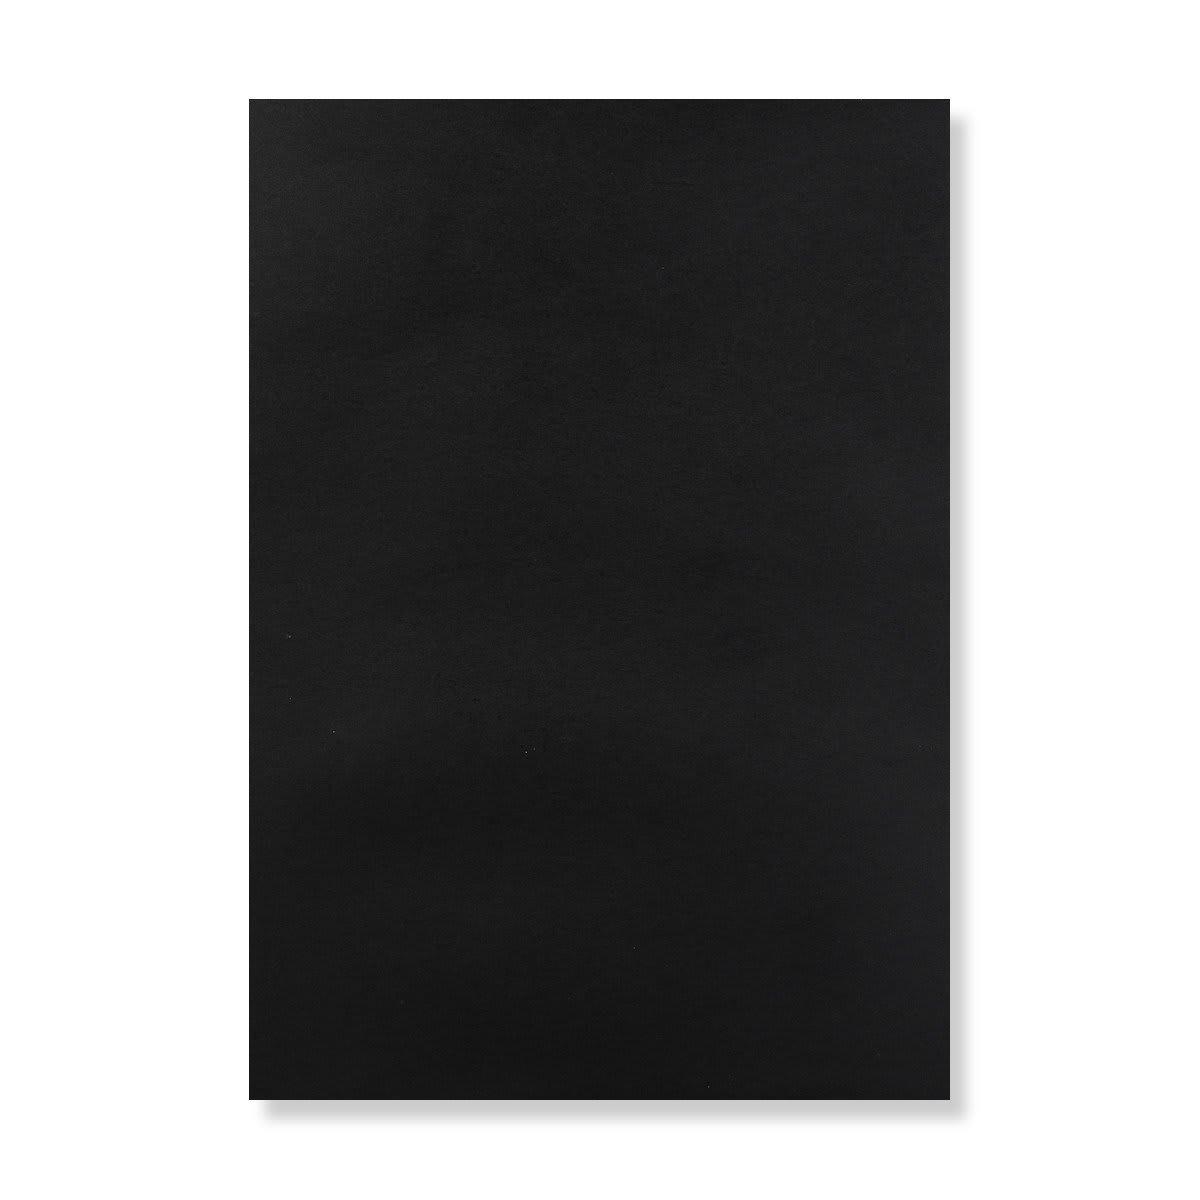 C4 BLACK STRING & WASHER ENVELOPES 180GSM